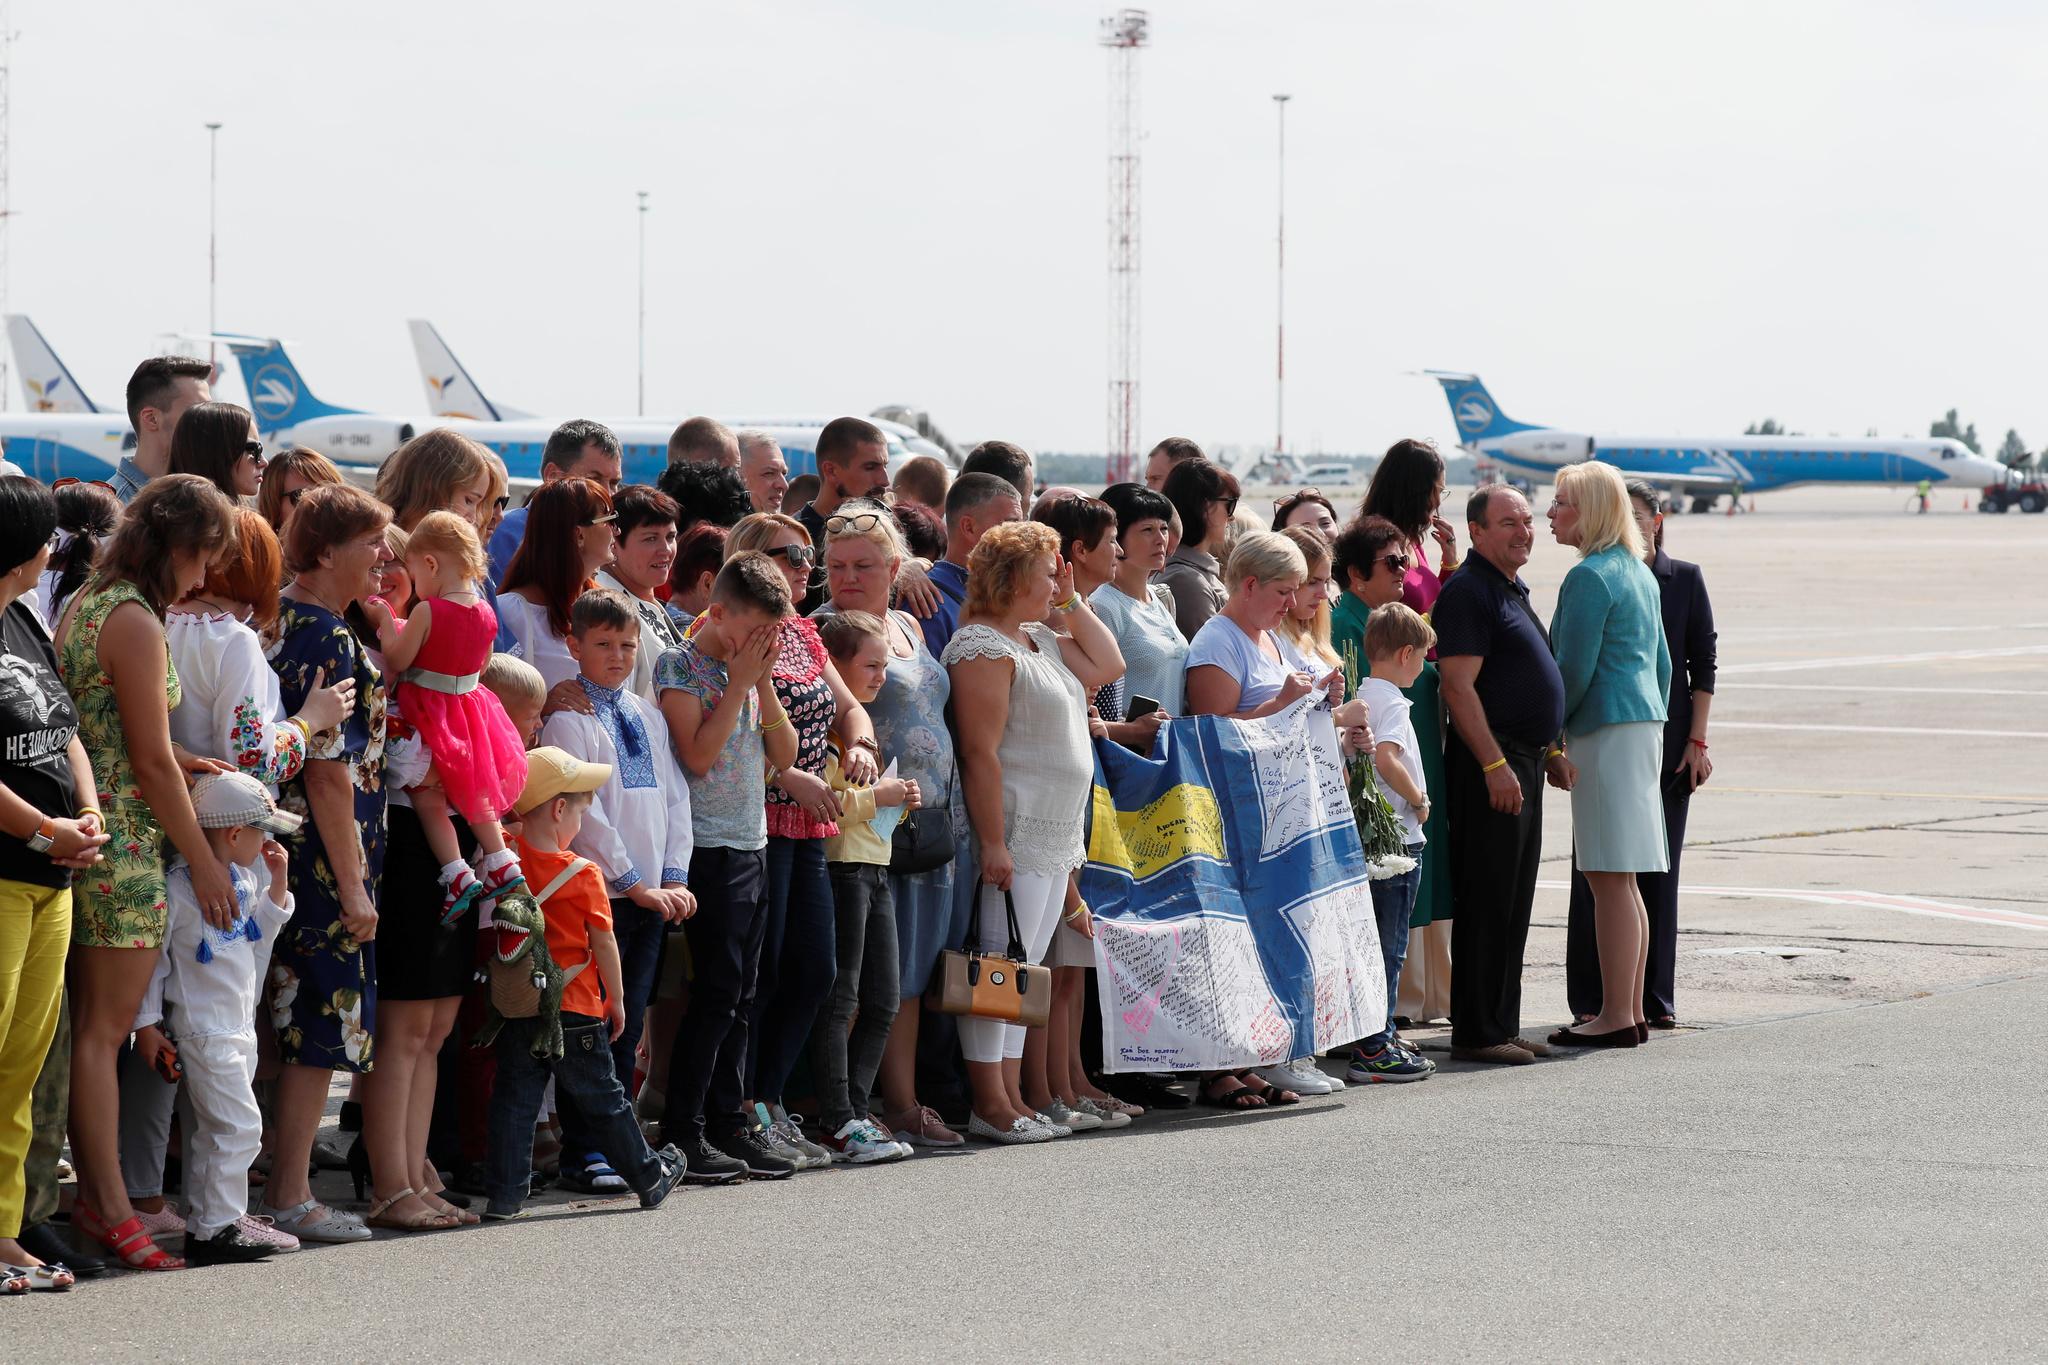 Familiares de presos ucranianos esperan en el aeropuerto de Borispil...